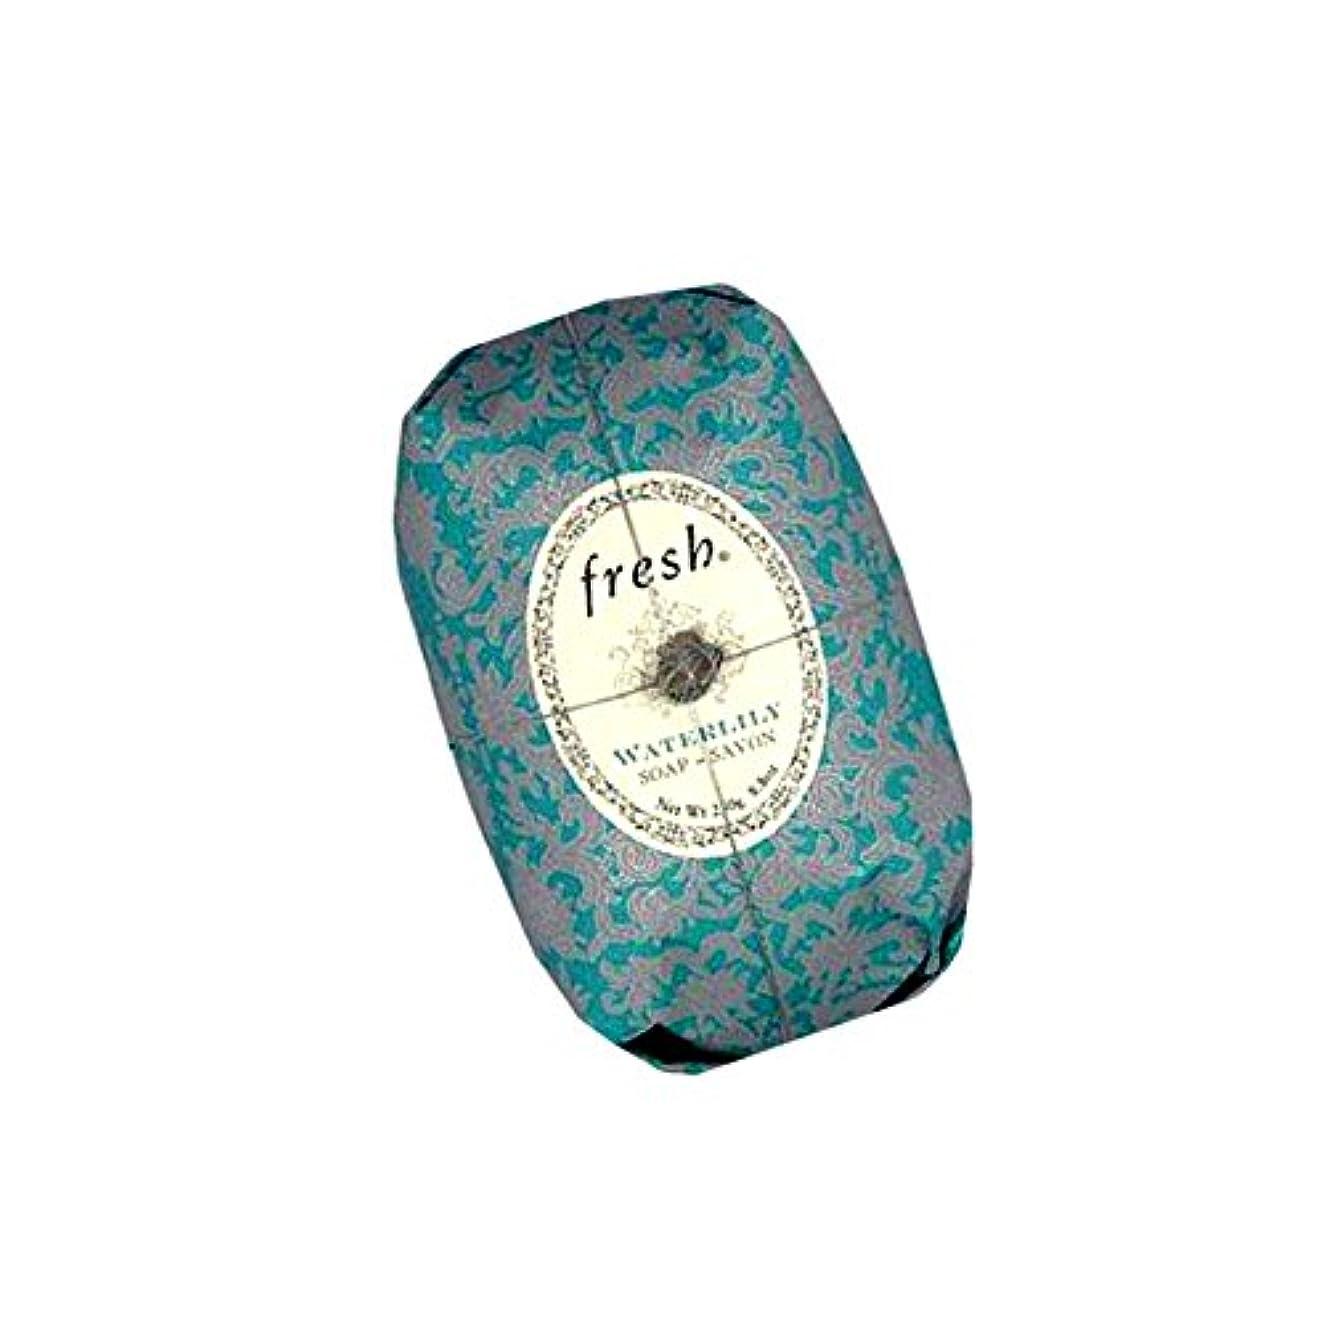 ブレンド影困惑するFresh フレッシュ Waterlily Soap 石鹸, 250g/8.8oz. [海外直送品] [並行輸入品]